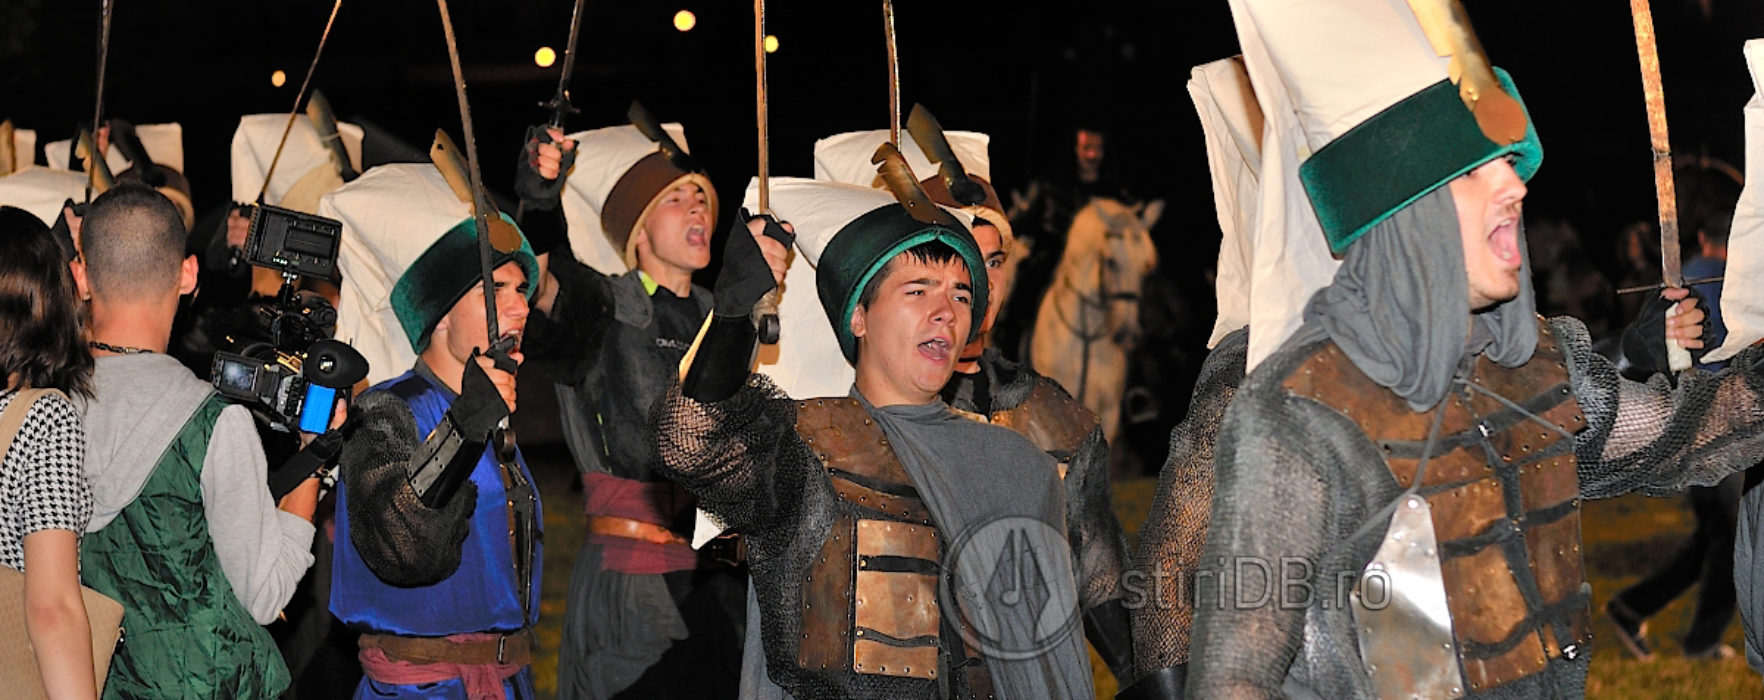 Paradă medievală la Târgovişte (foto)